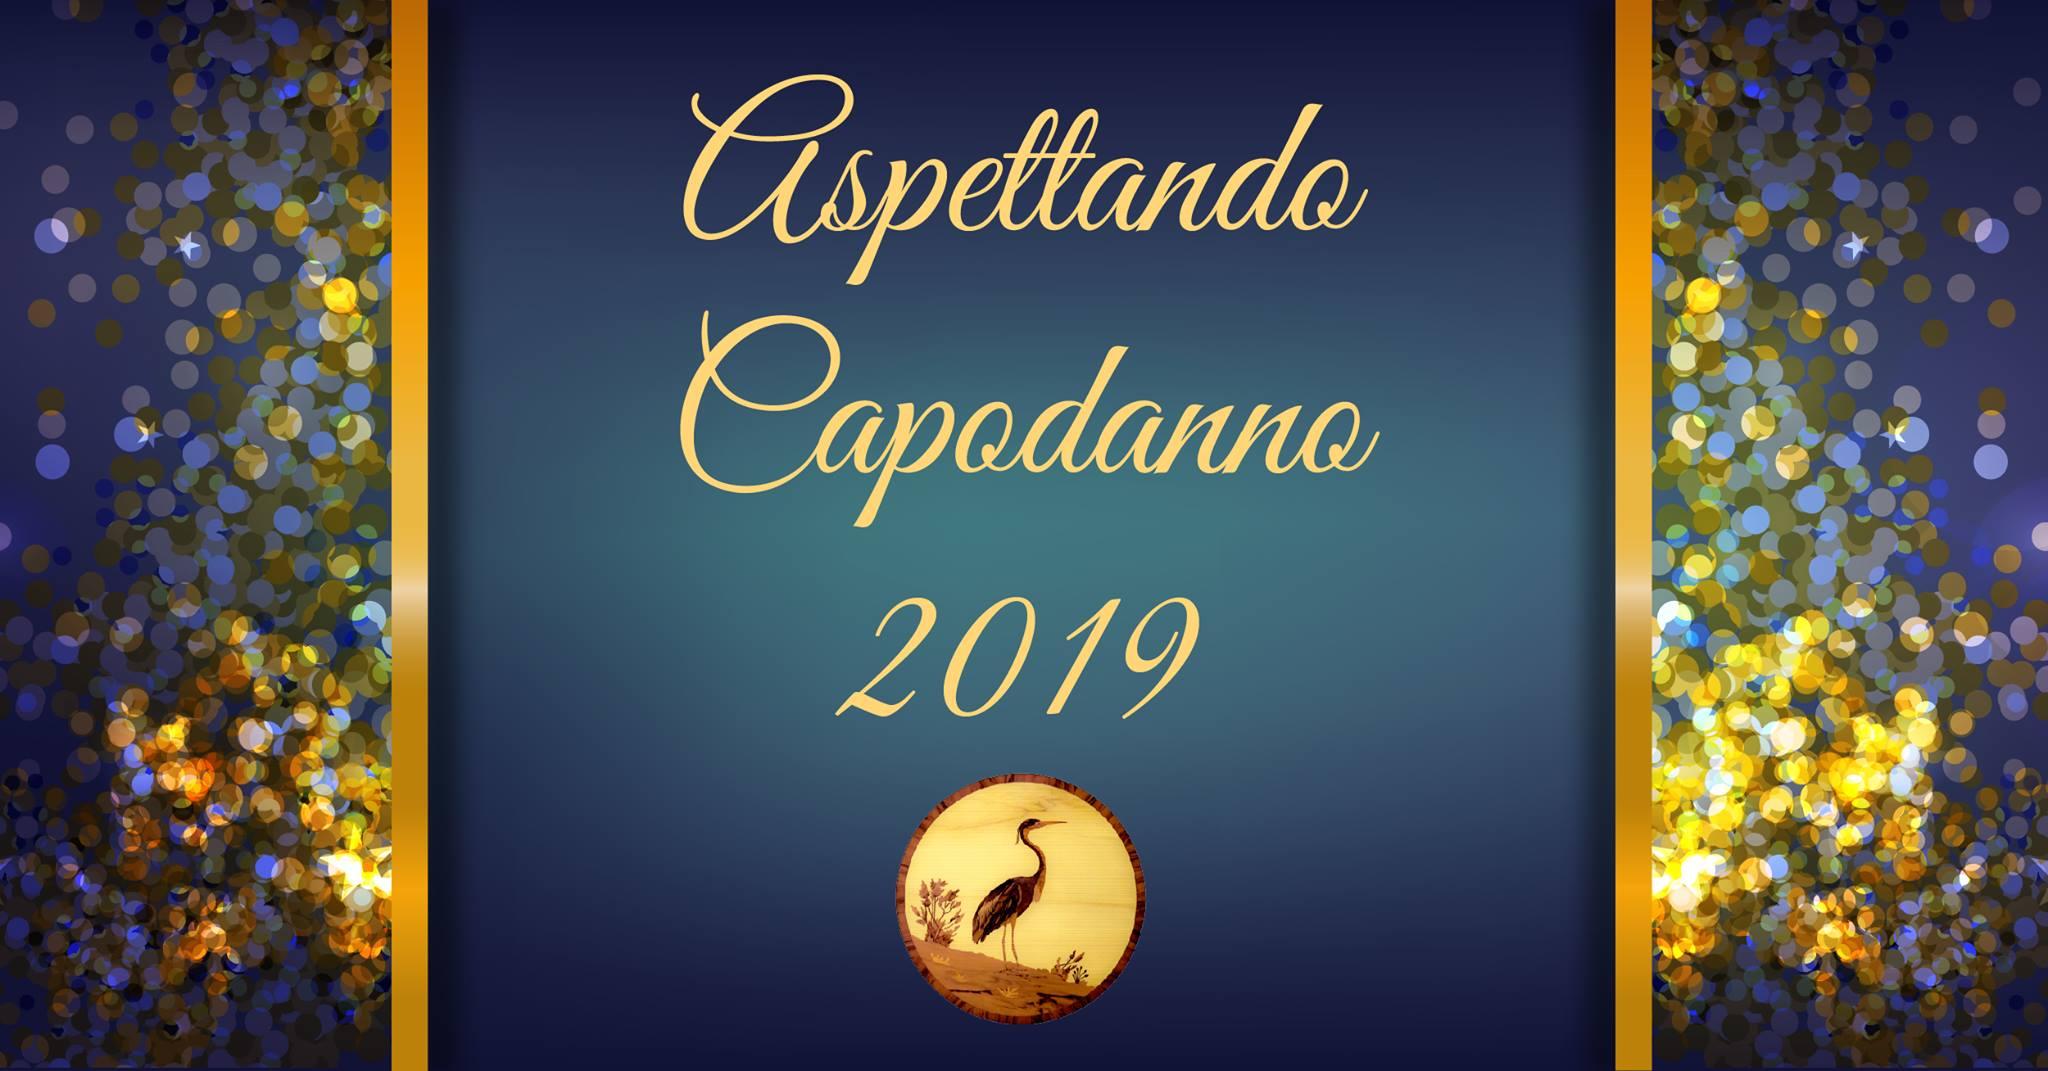 Aspettando Capodanno 2019